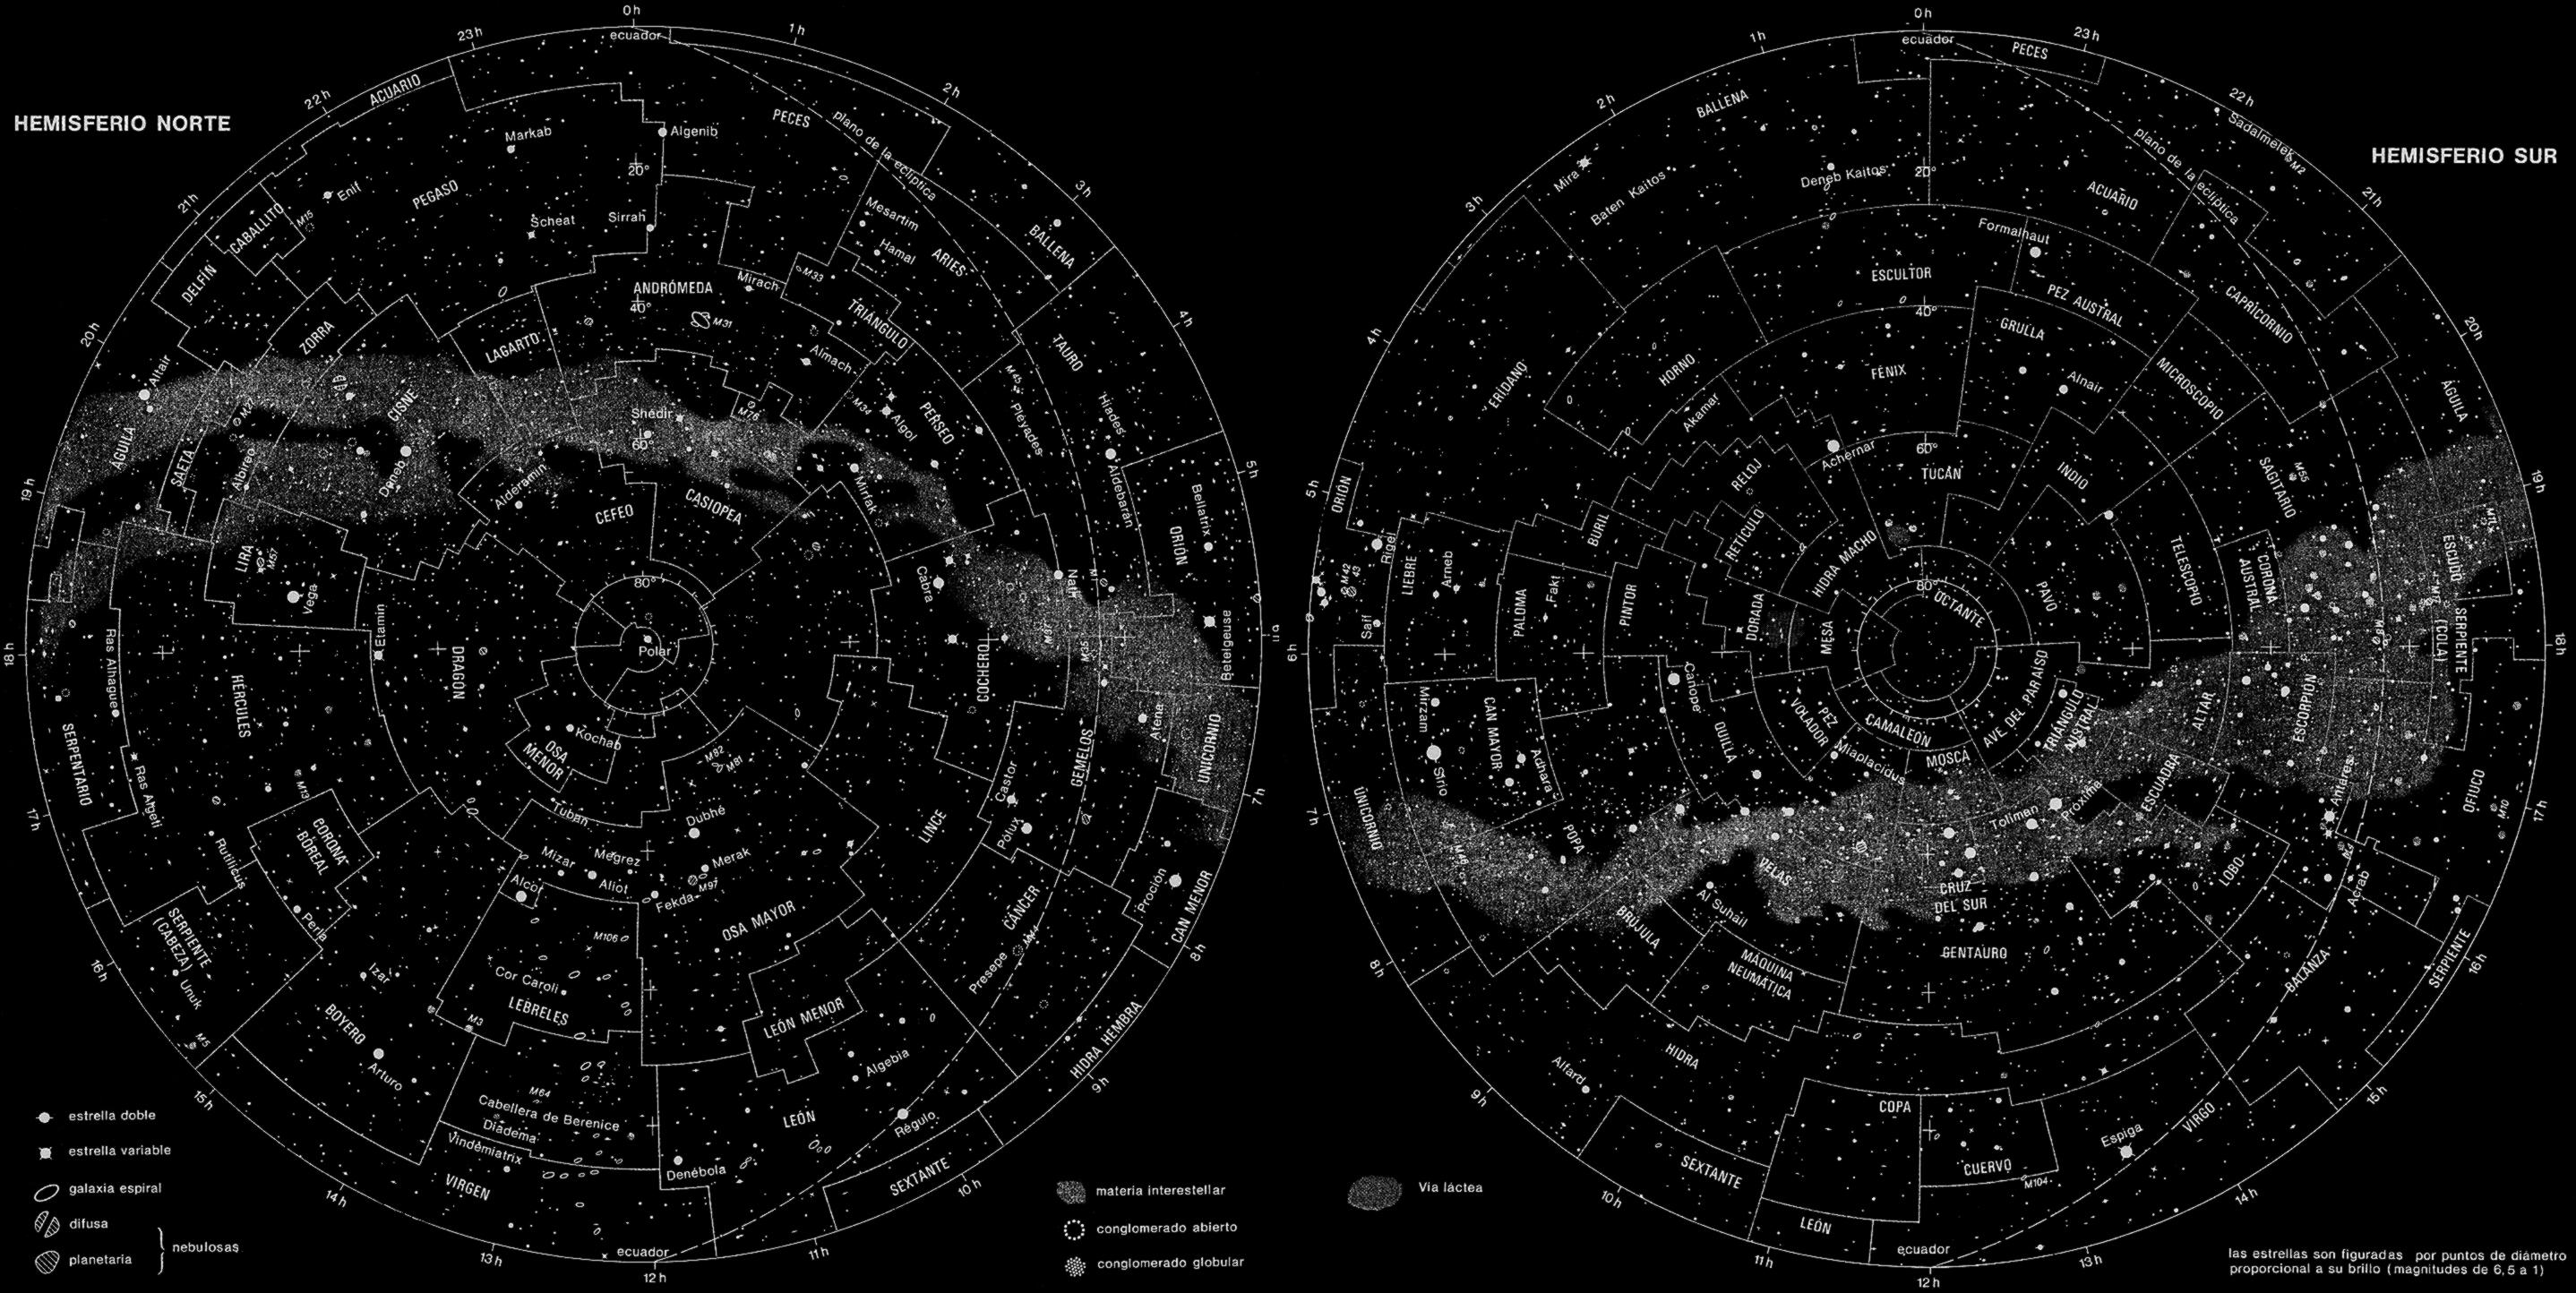 Mapa constelaciones